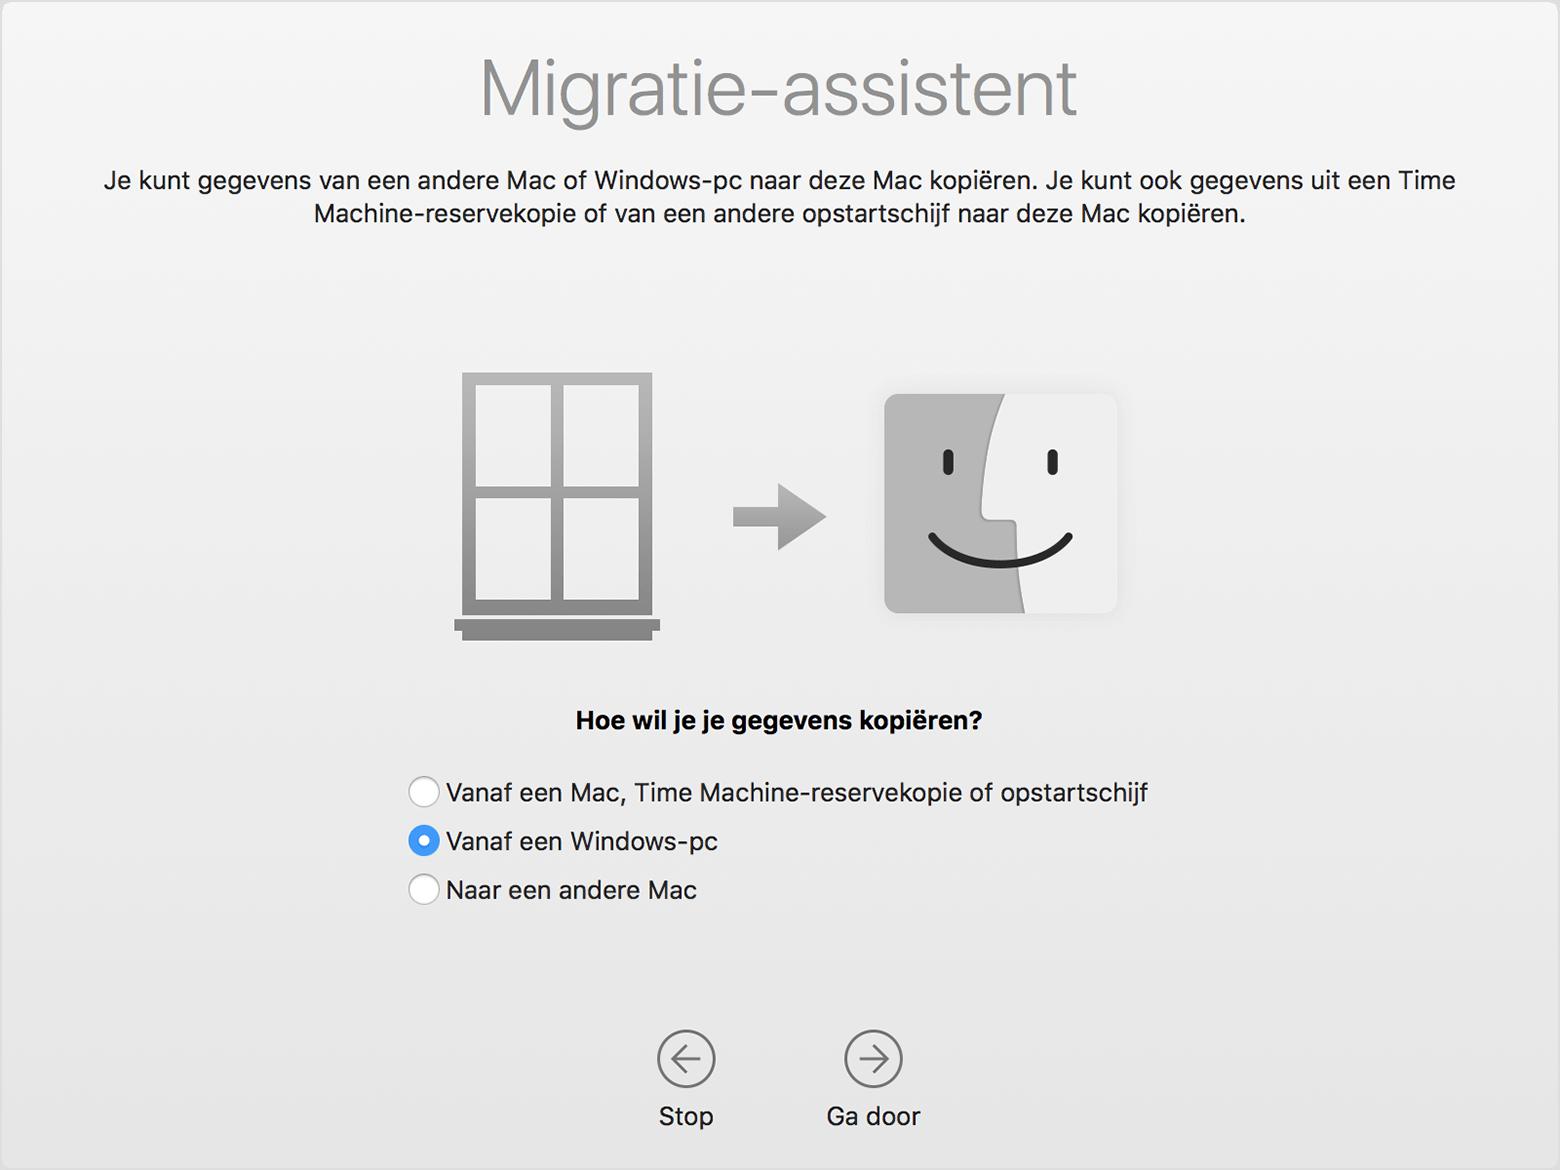 Een methode voor gegevensoverdracht kiezen in Migratie-assistent